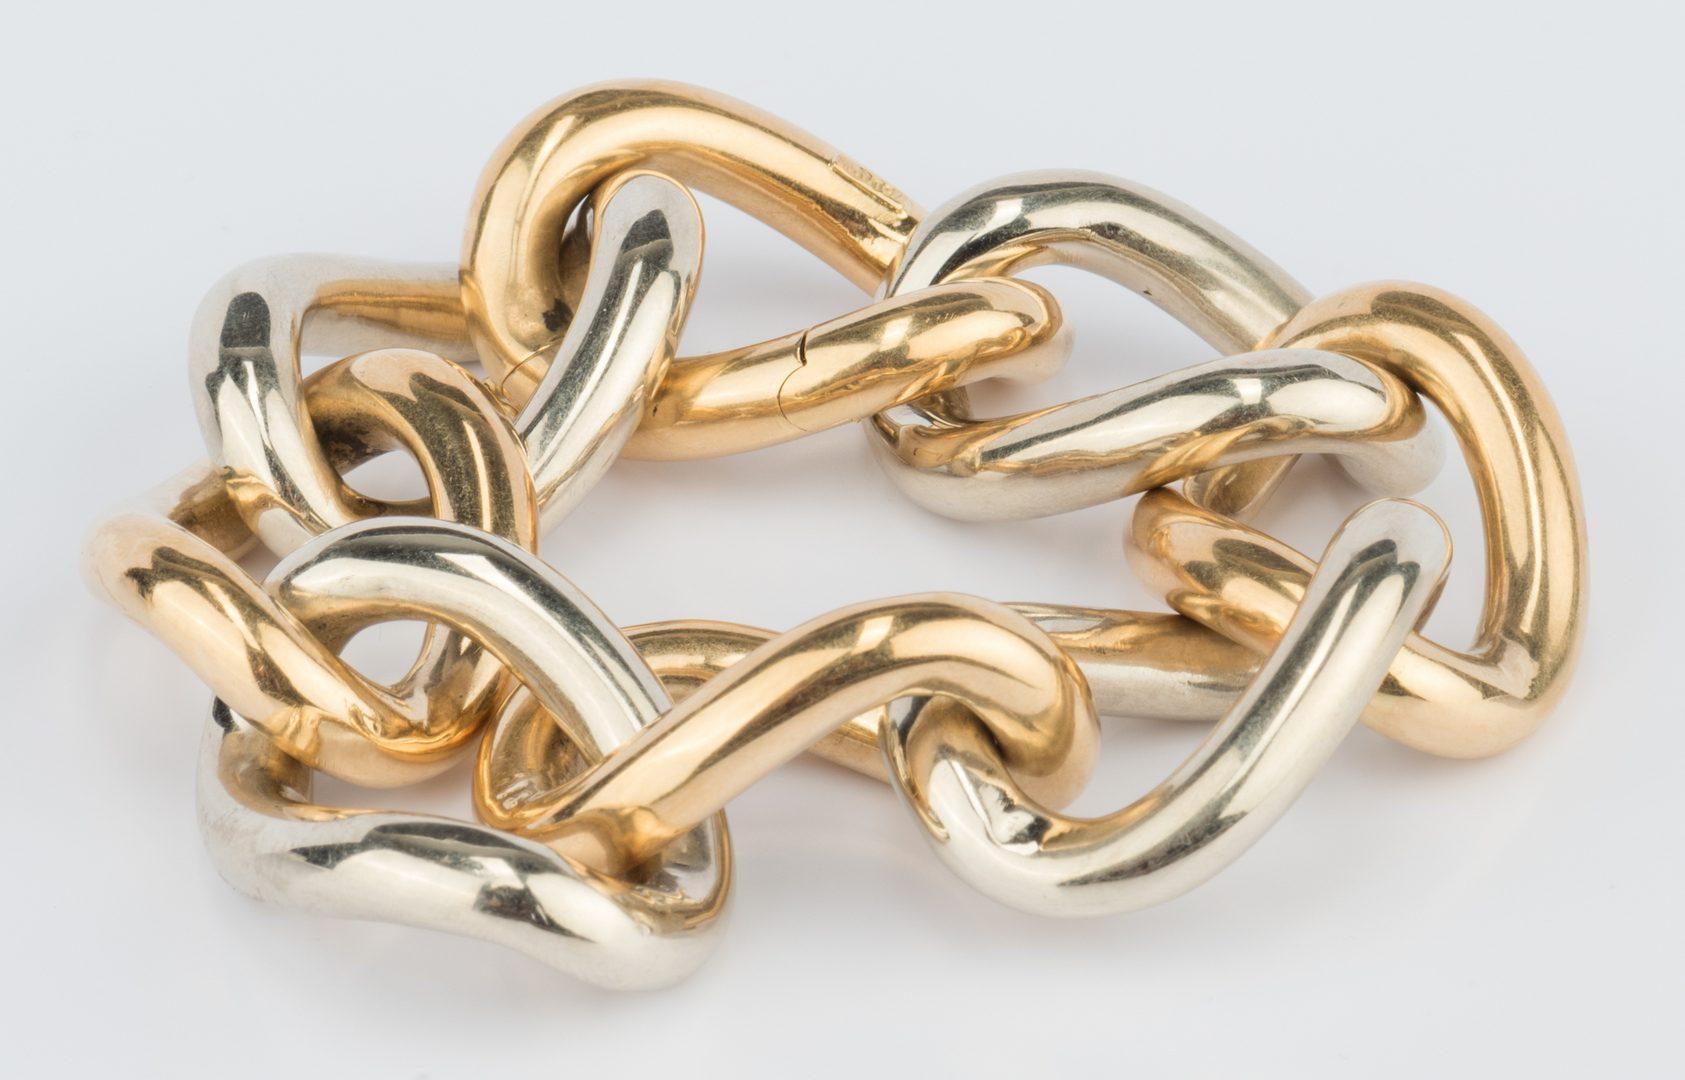 Lot 51: 18K Bi-color Link Bracelet, 98.6 g